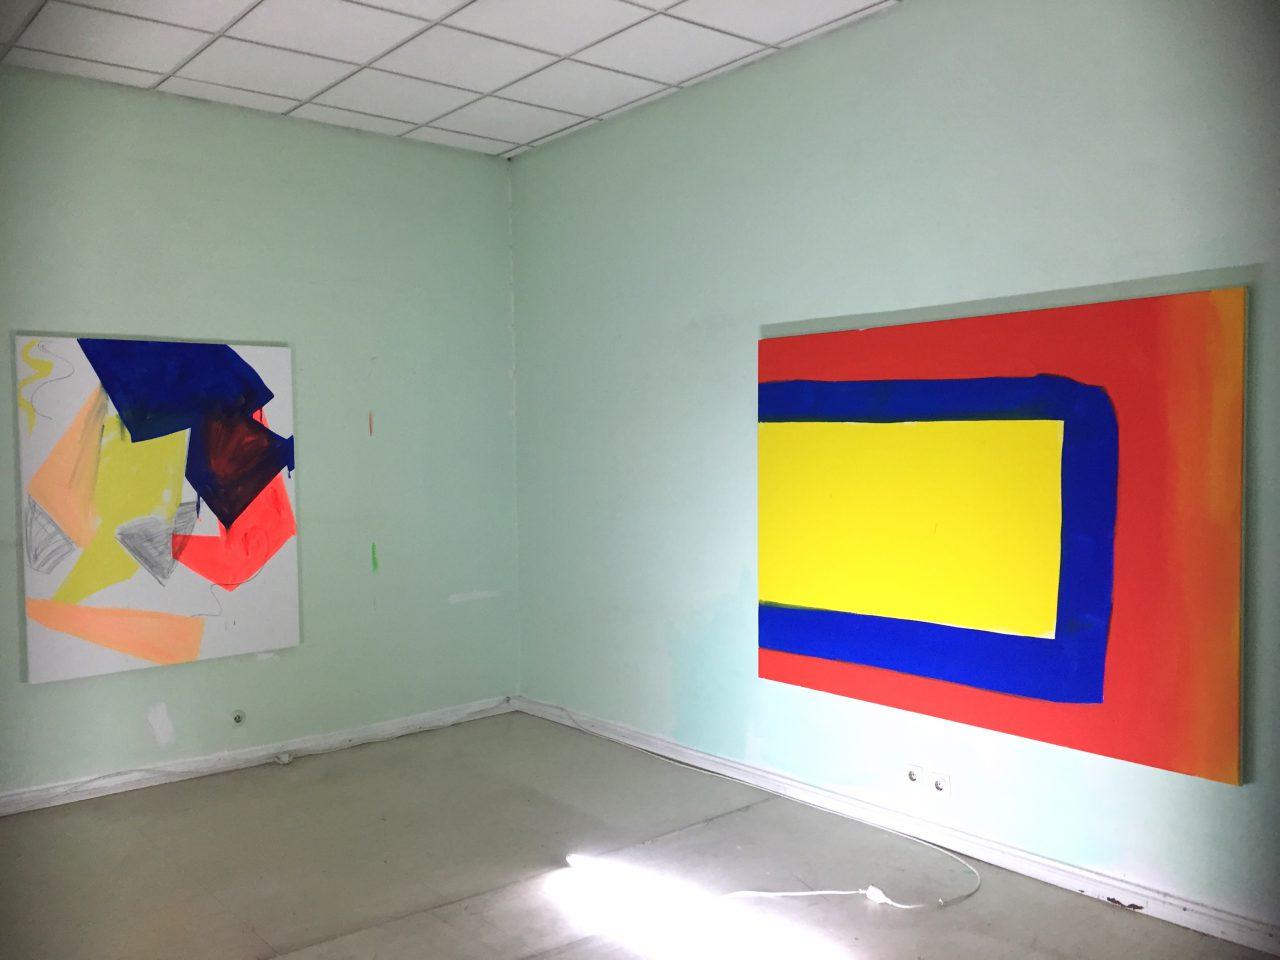 Studio view, 1